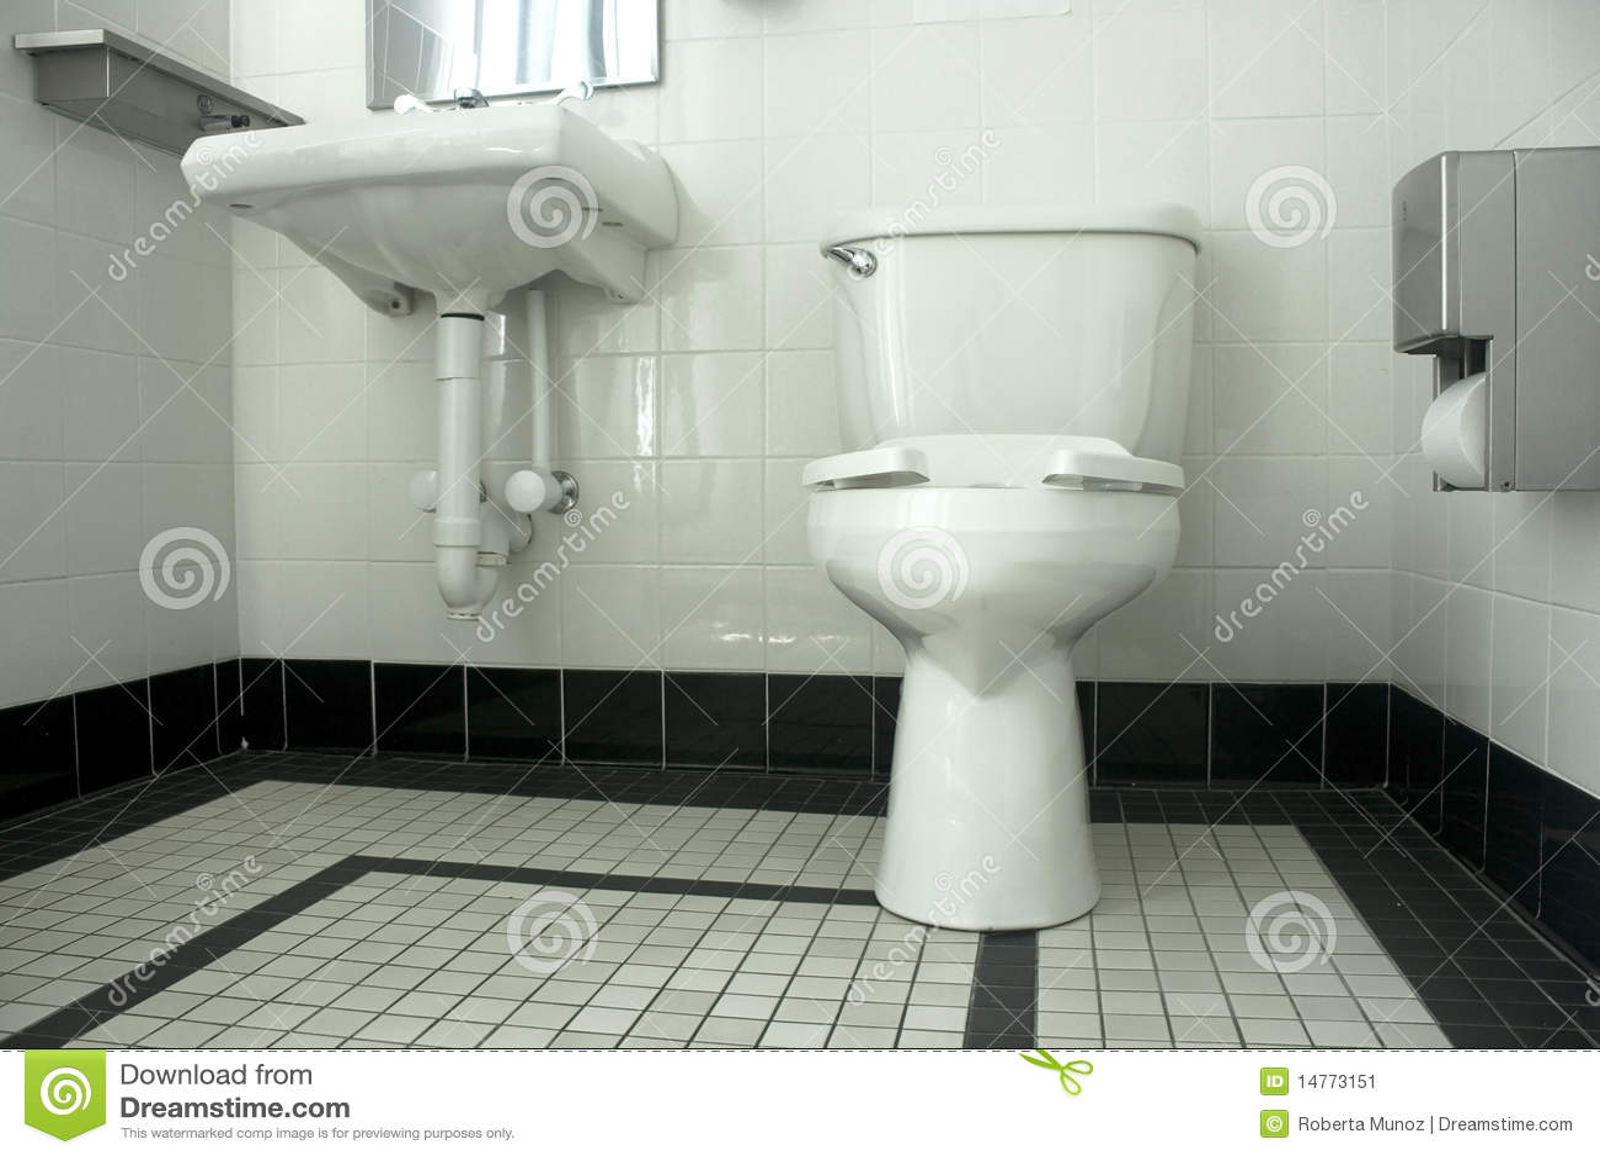 Banheiro Preto E Branco Imagem de Stock Imagem: 14773151 #85A823 1300x957 Banheiro Branco E Azul